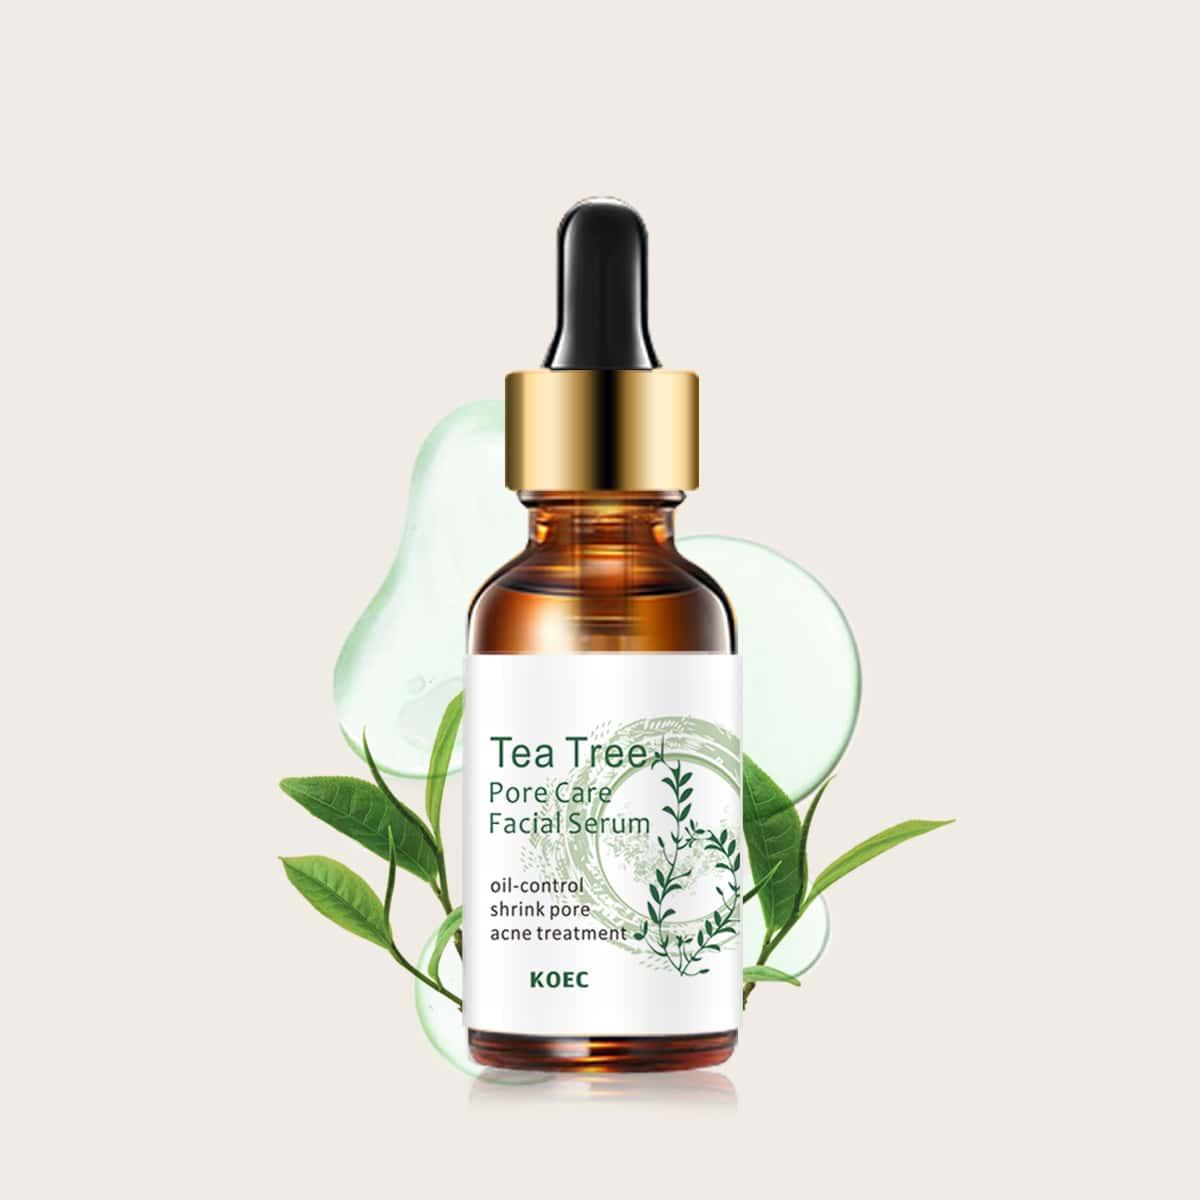 Tea Tree Pore Care Facial Serum